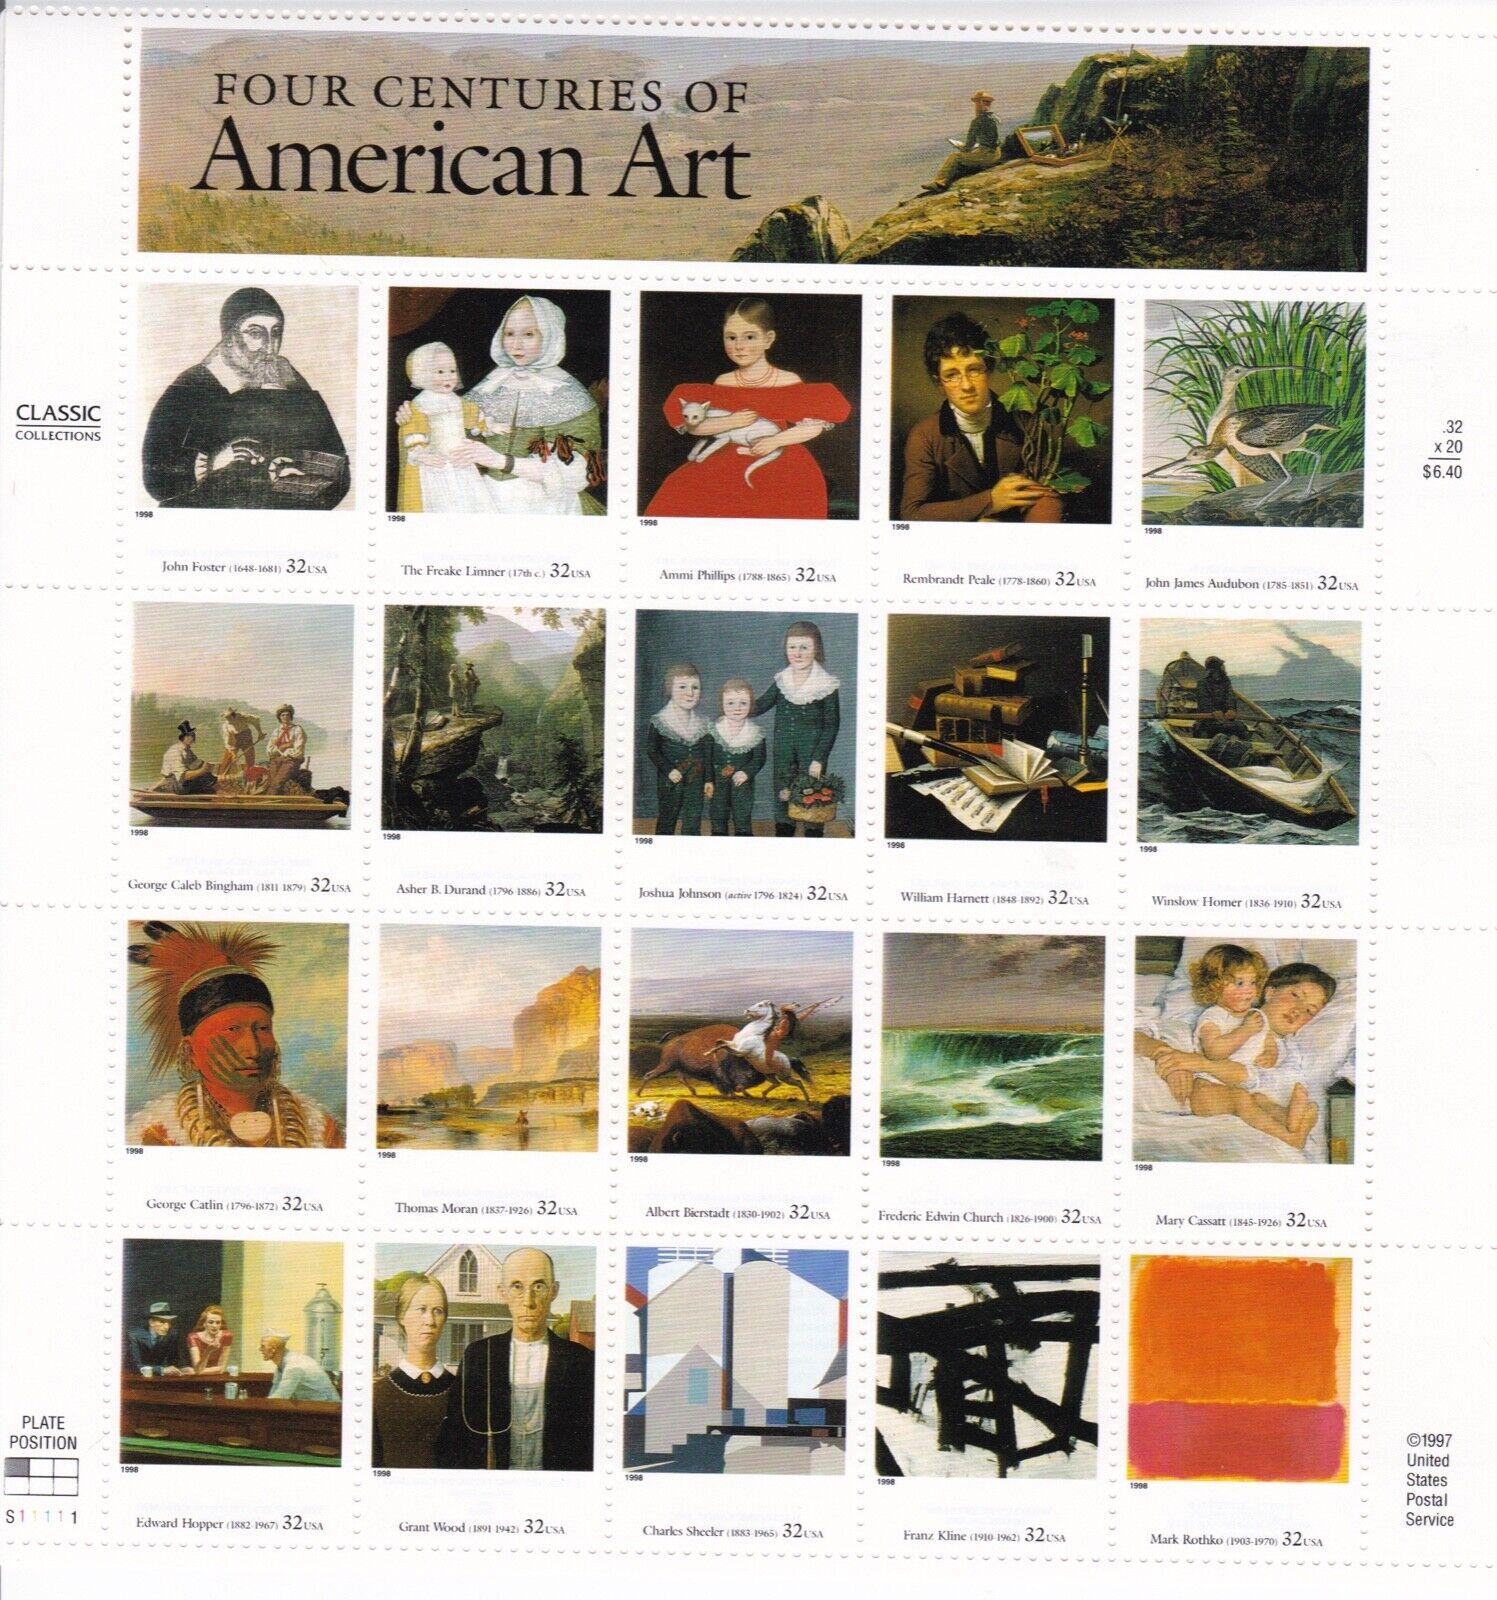 Scott 3236 - US Sheet Of 20 - FOUR CENTURIES OF AMERICAN ART - MNH - 1998 - $8.99